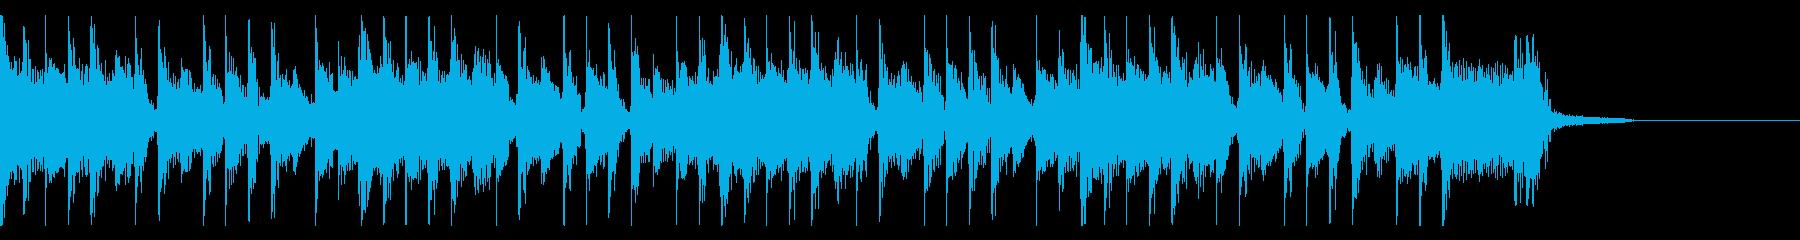 オーセンティックなハードロックジングルの再生済みの波形